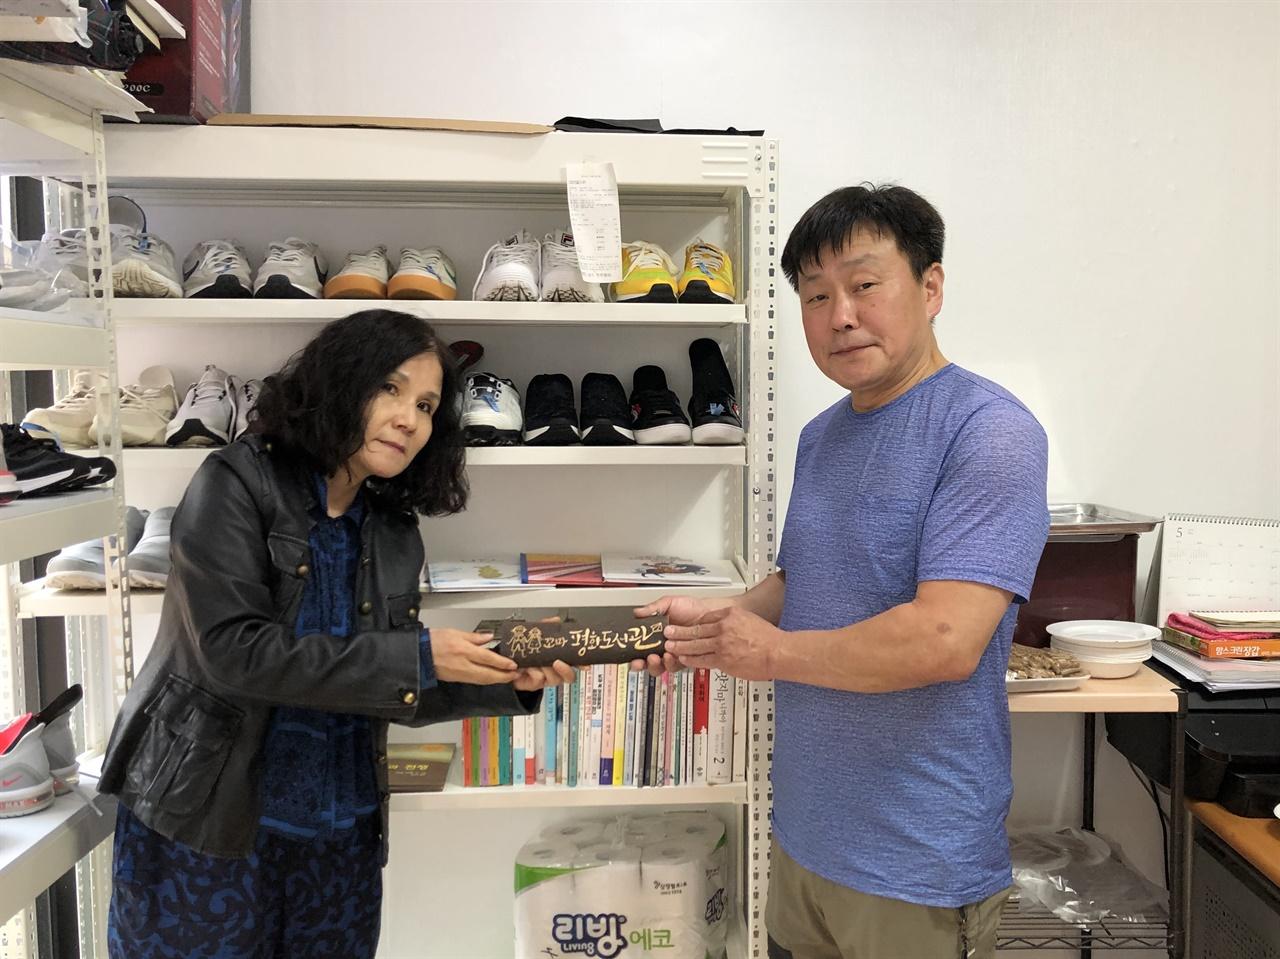 꼬마평화도서관 이름패 전달식 왼쪽 꼬평 살림지이 황온숙, 오른쪽 세탁소 주인 김기욱